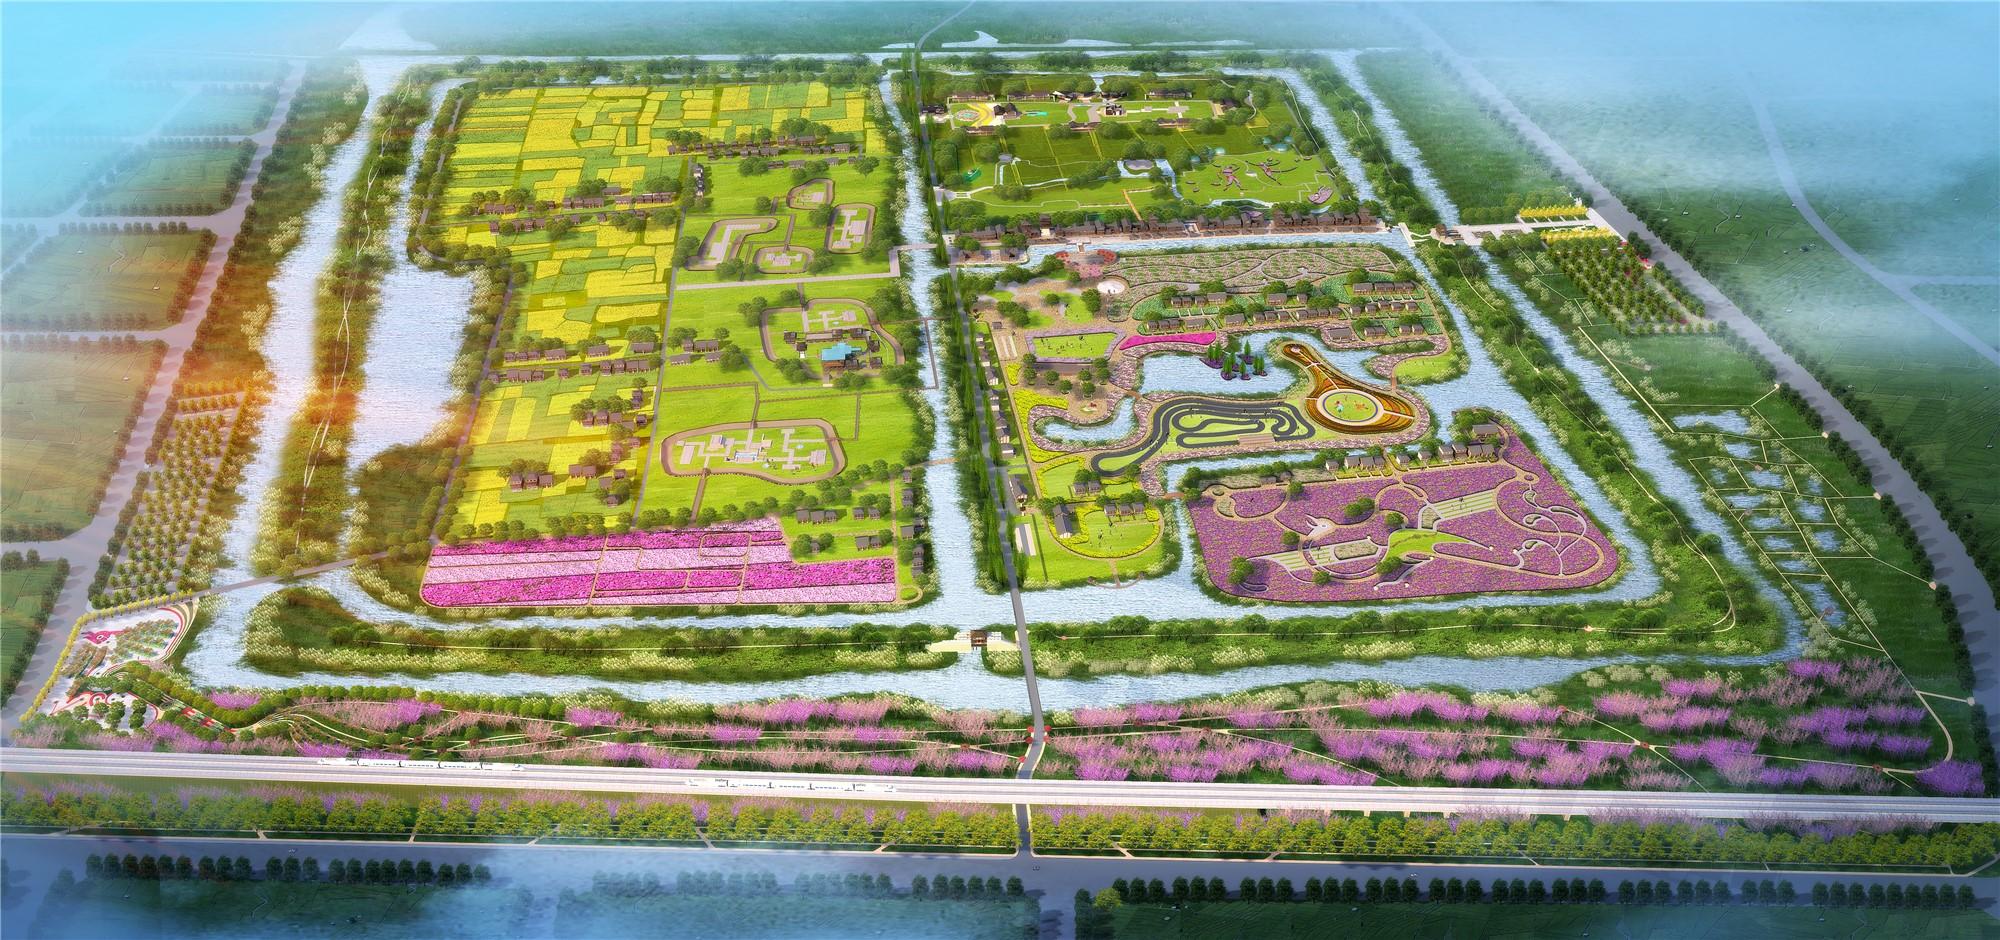 郢城文化園